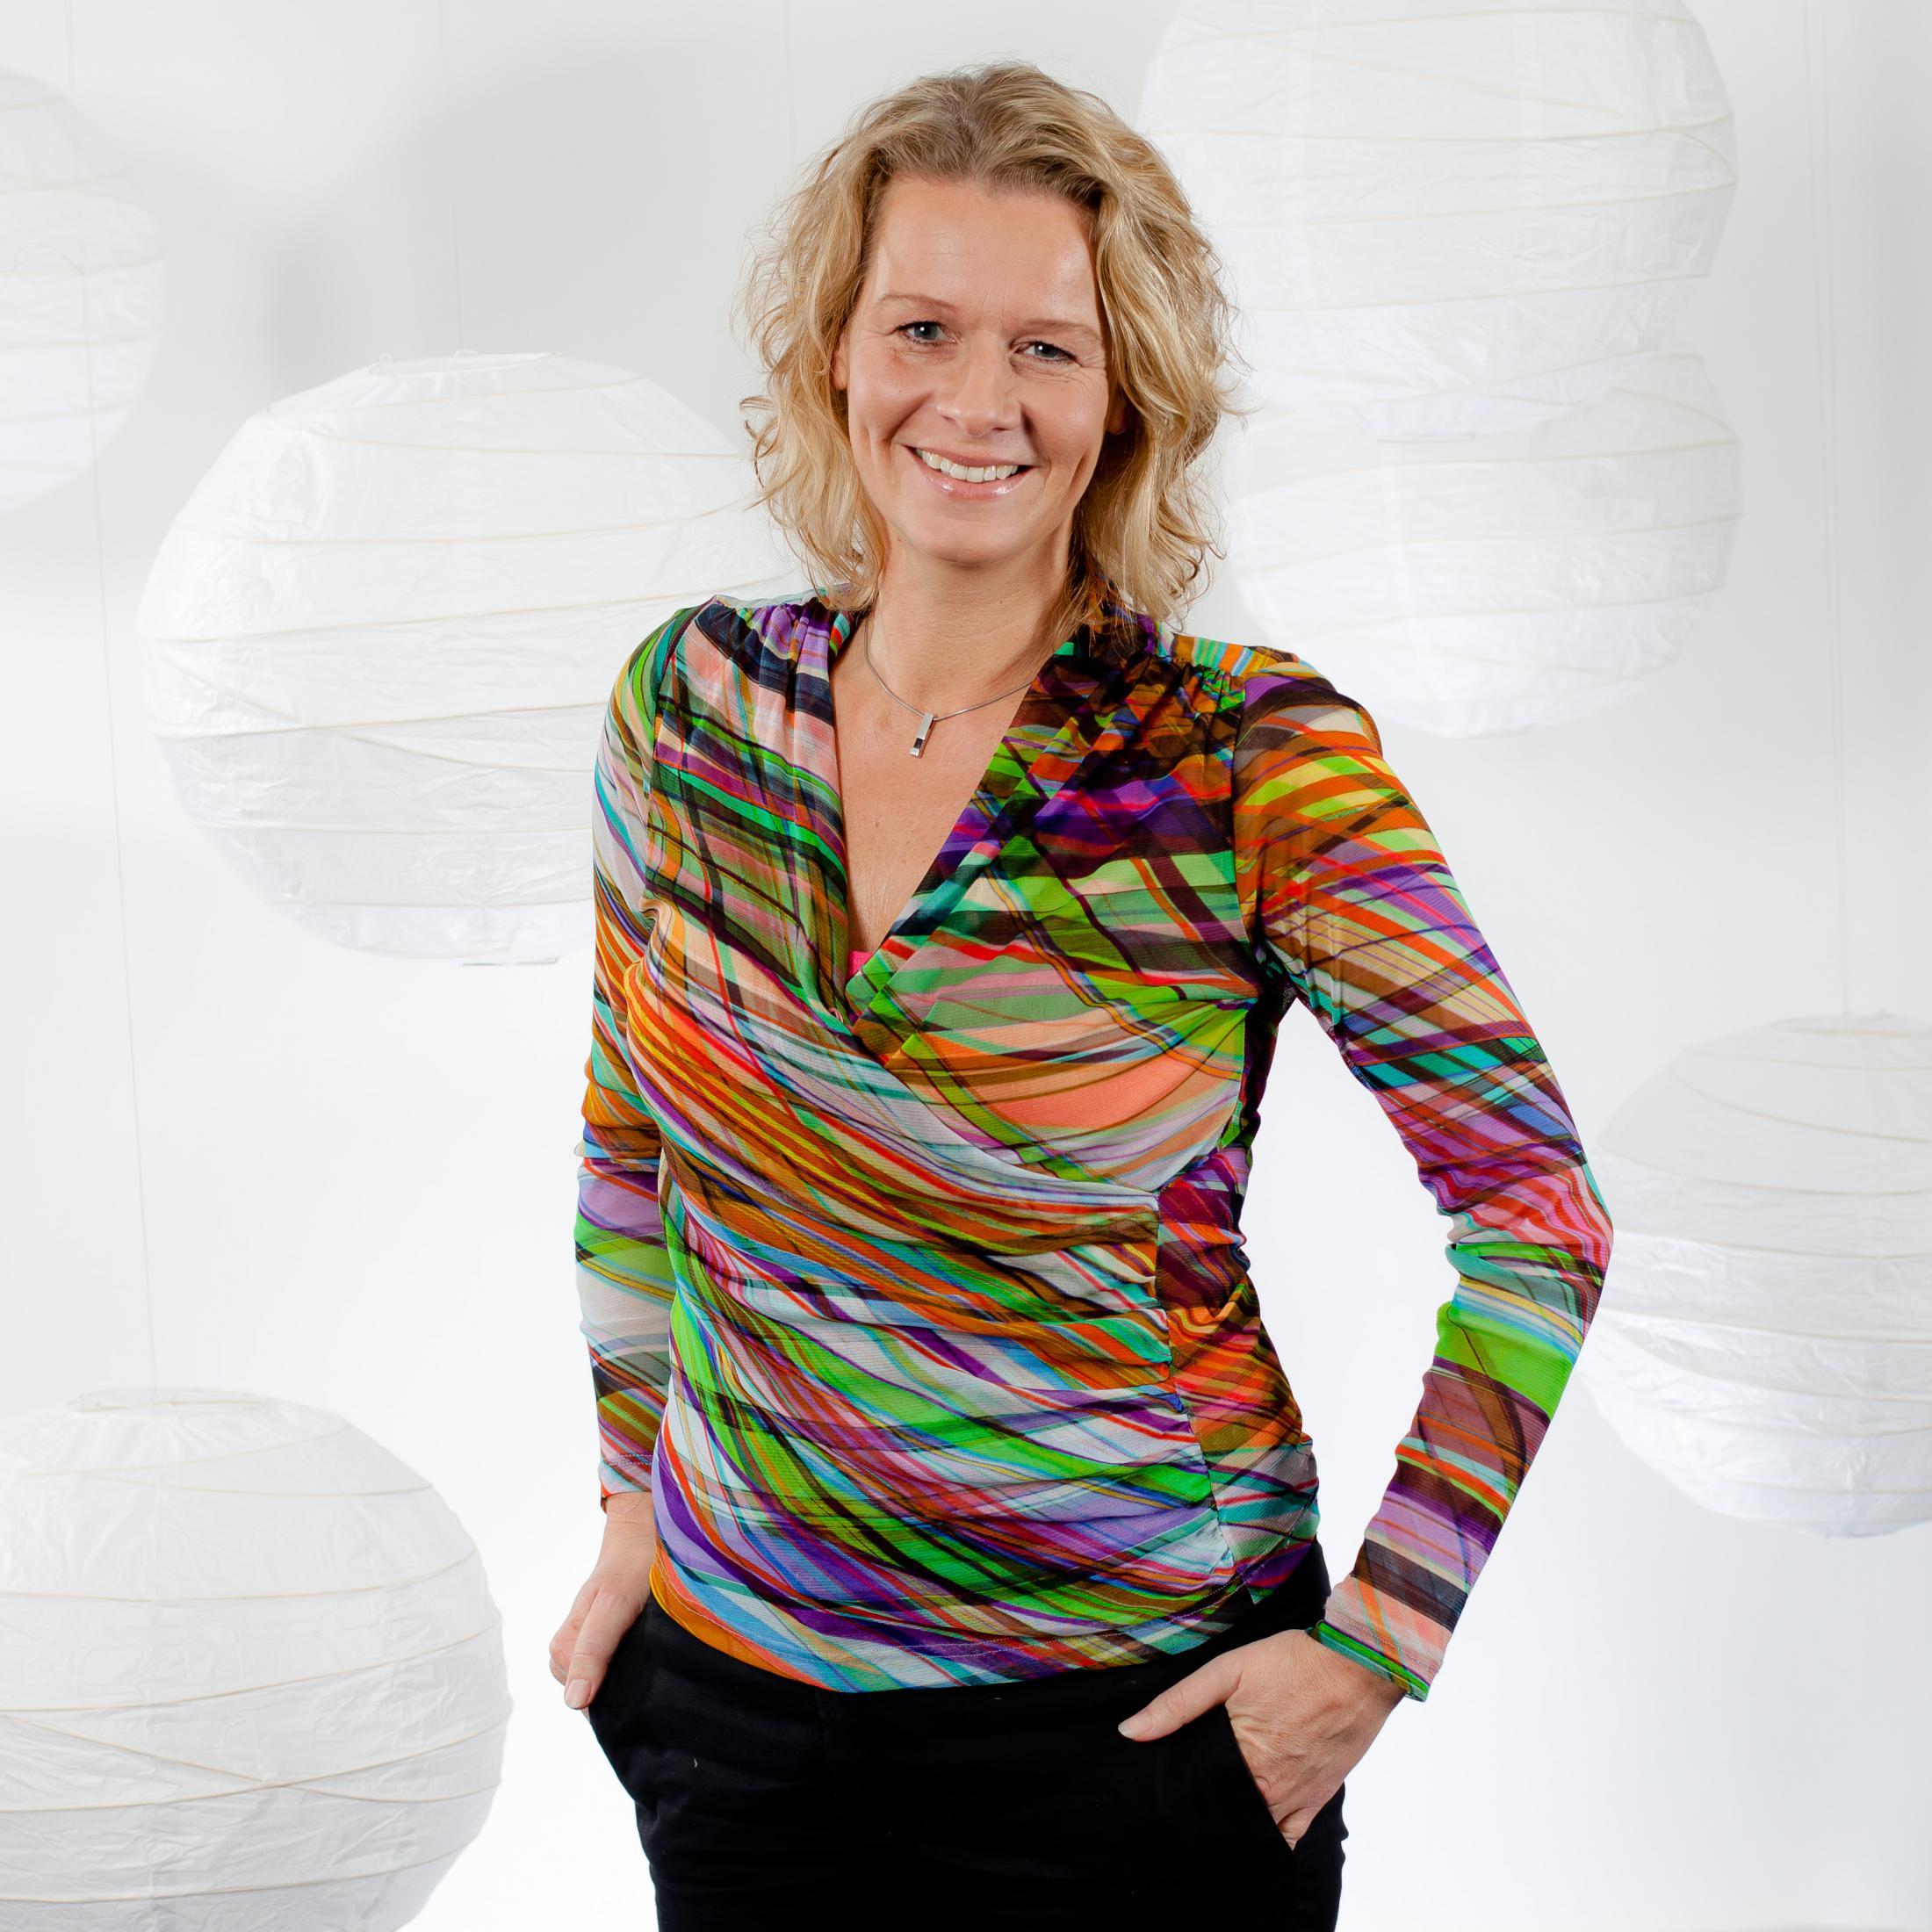 In gesprek met Mirjam van den Heuvel